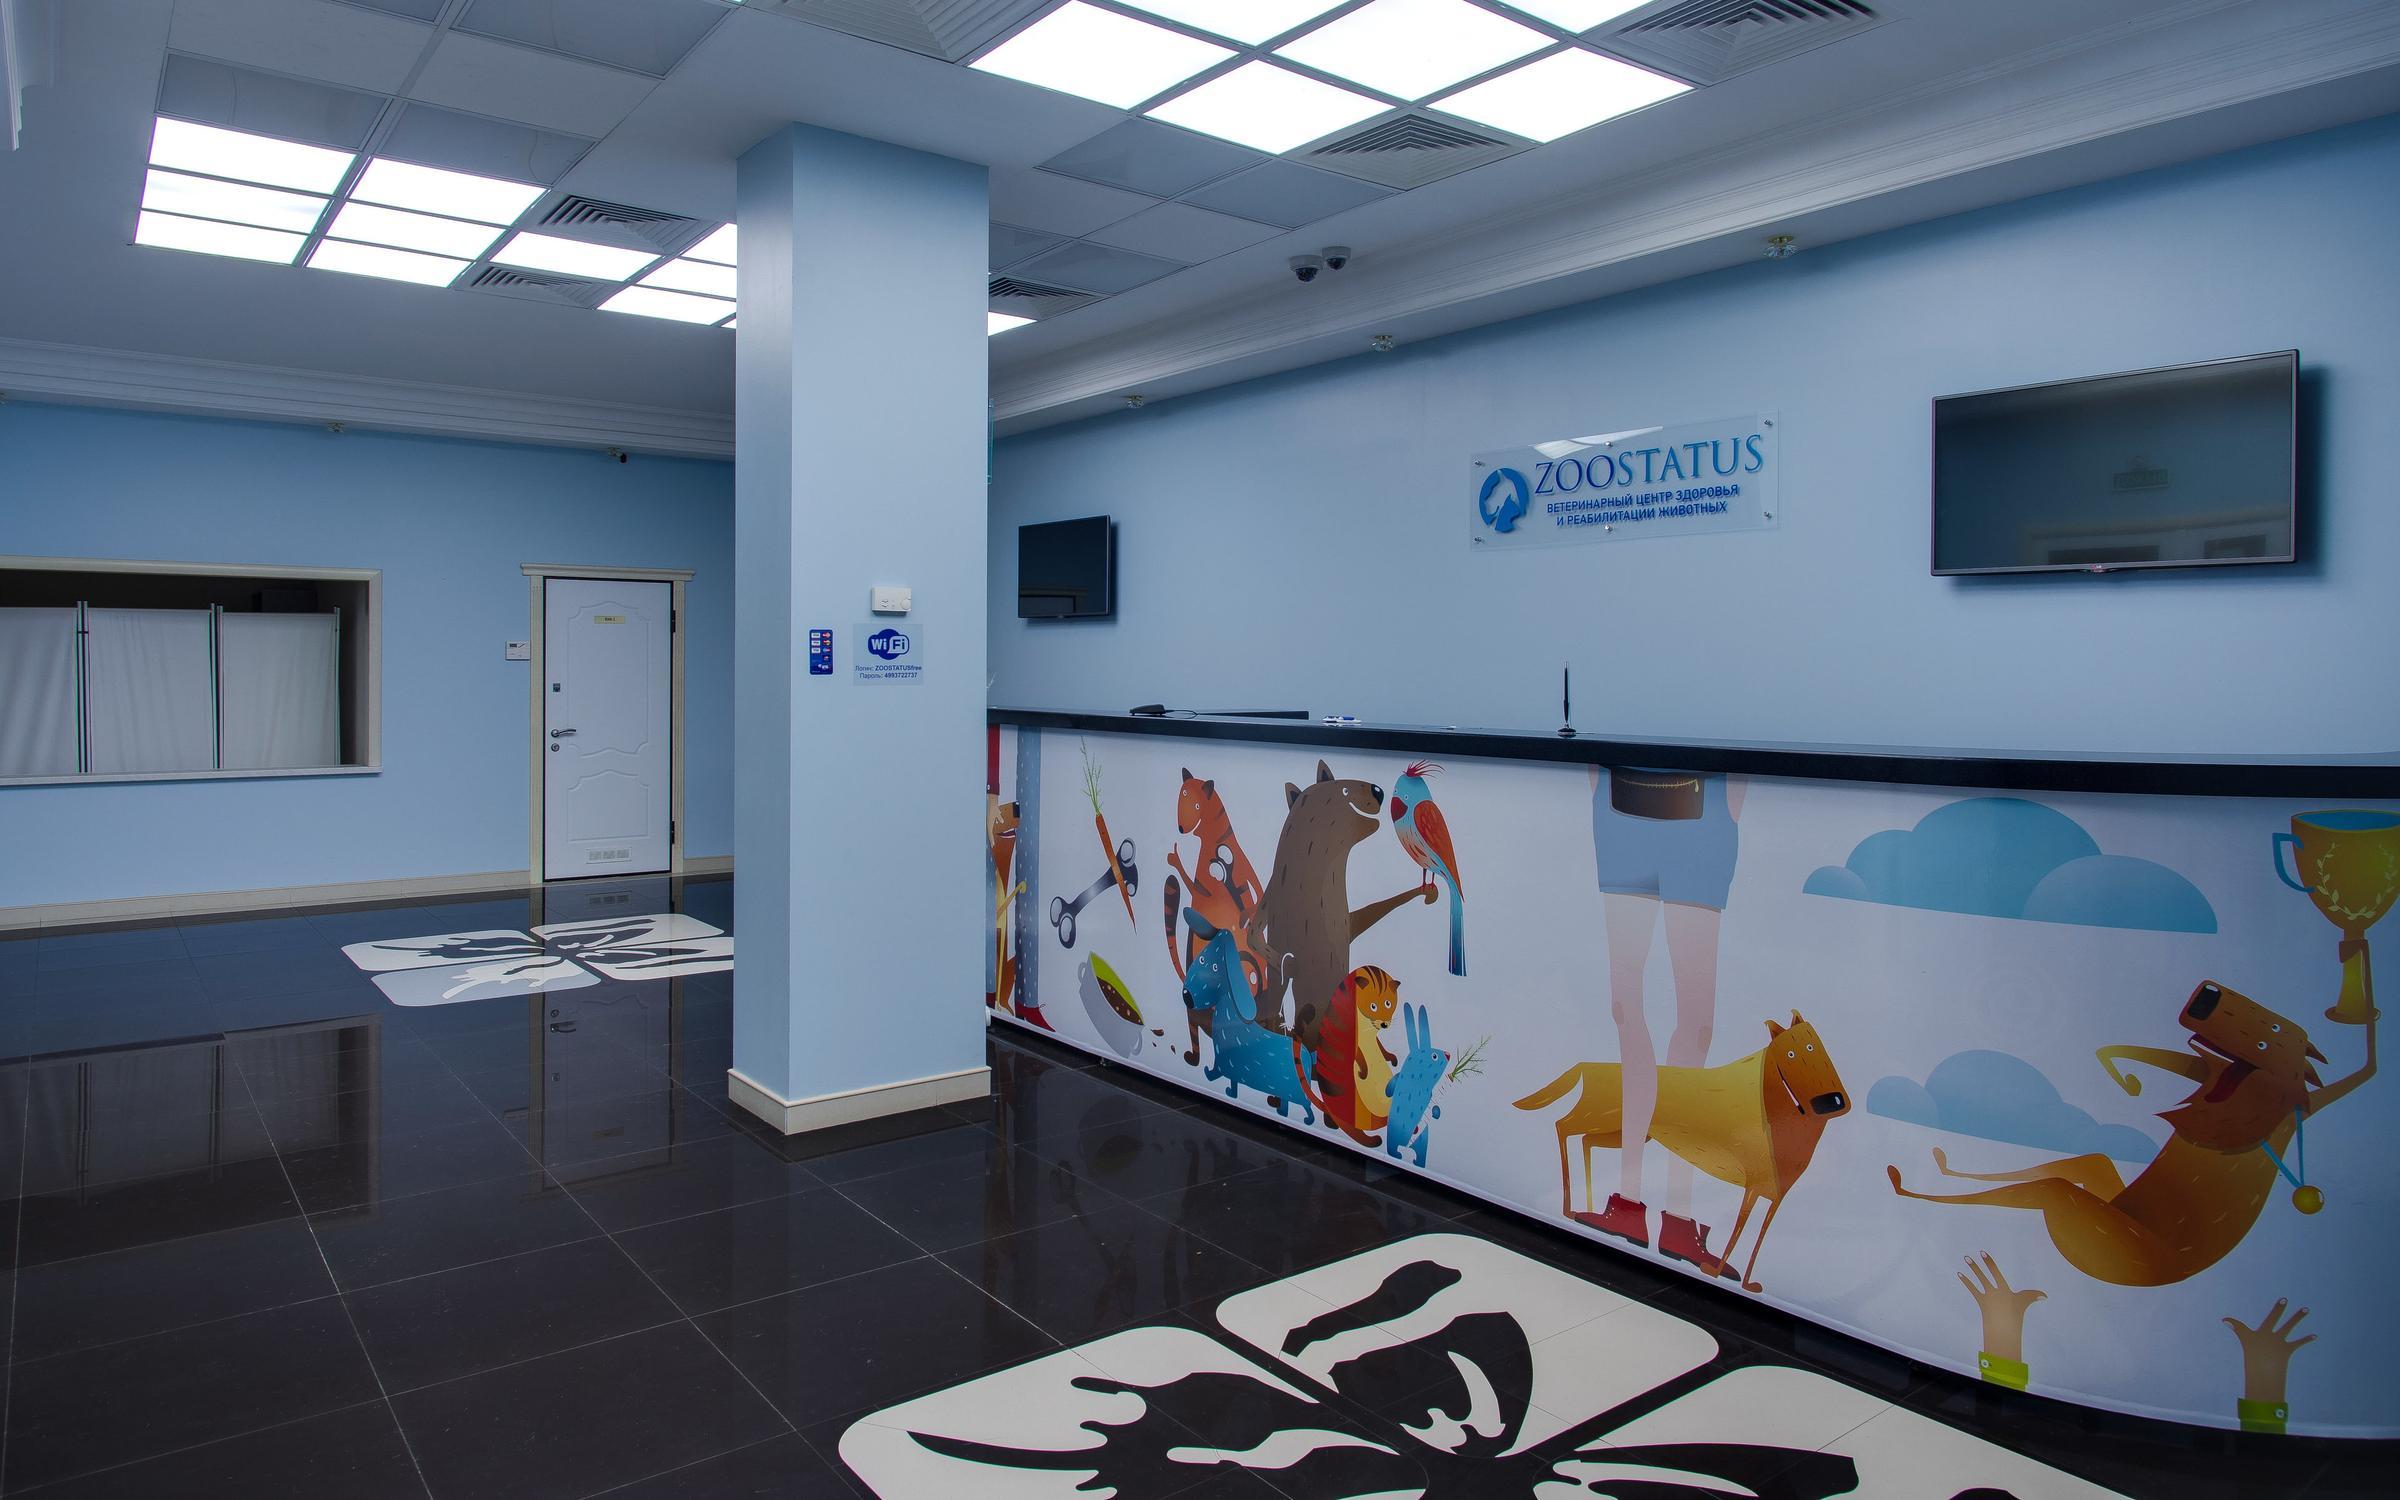 фотография Ветеринарного центра здоровья и реабилитации животных Zoostatus на Варшавском шоссе